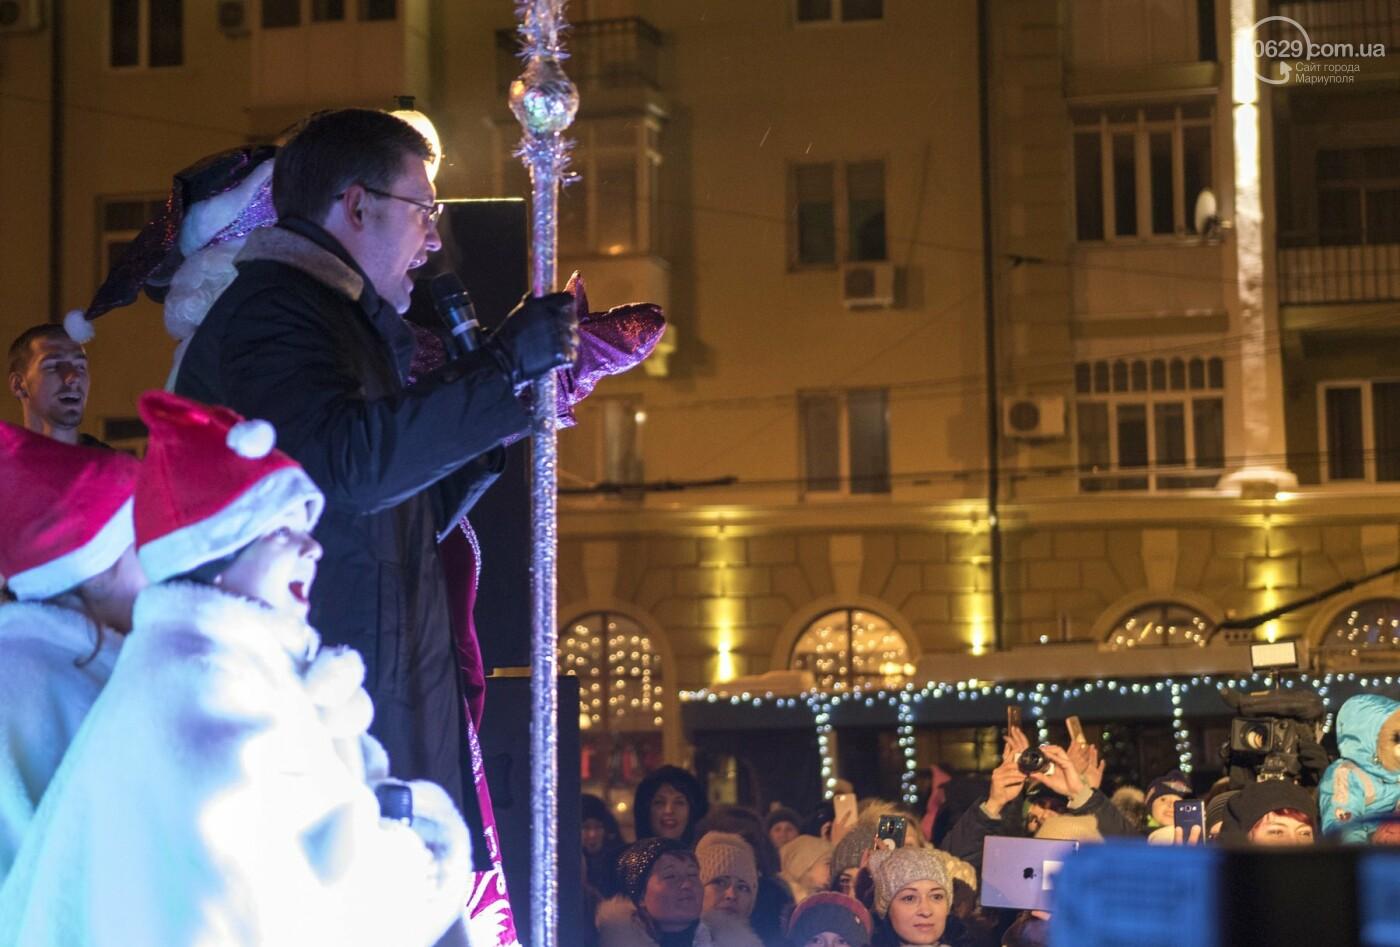 Как в Мариуполь с новогодними праздниками пришла Европа,  - ФОТО, ВИДЕО, фото-1